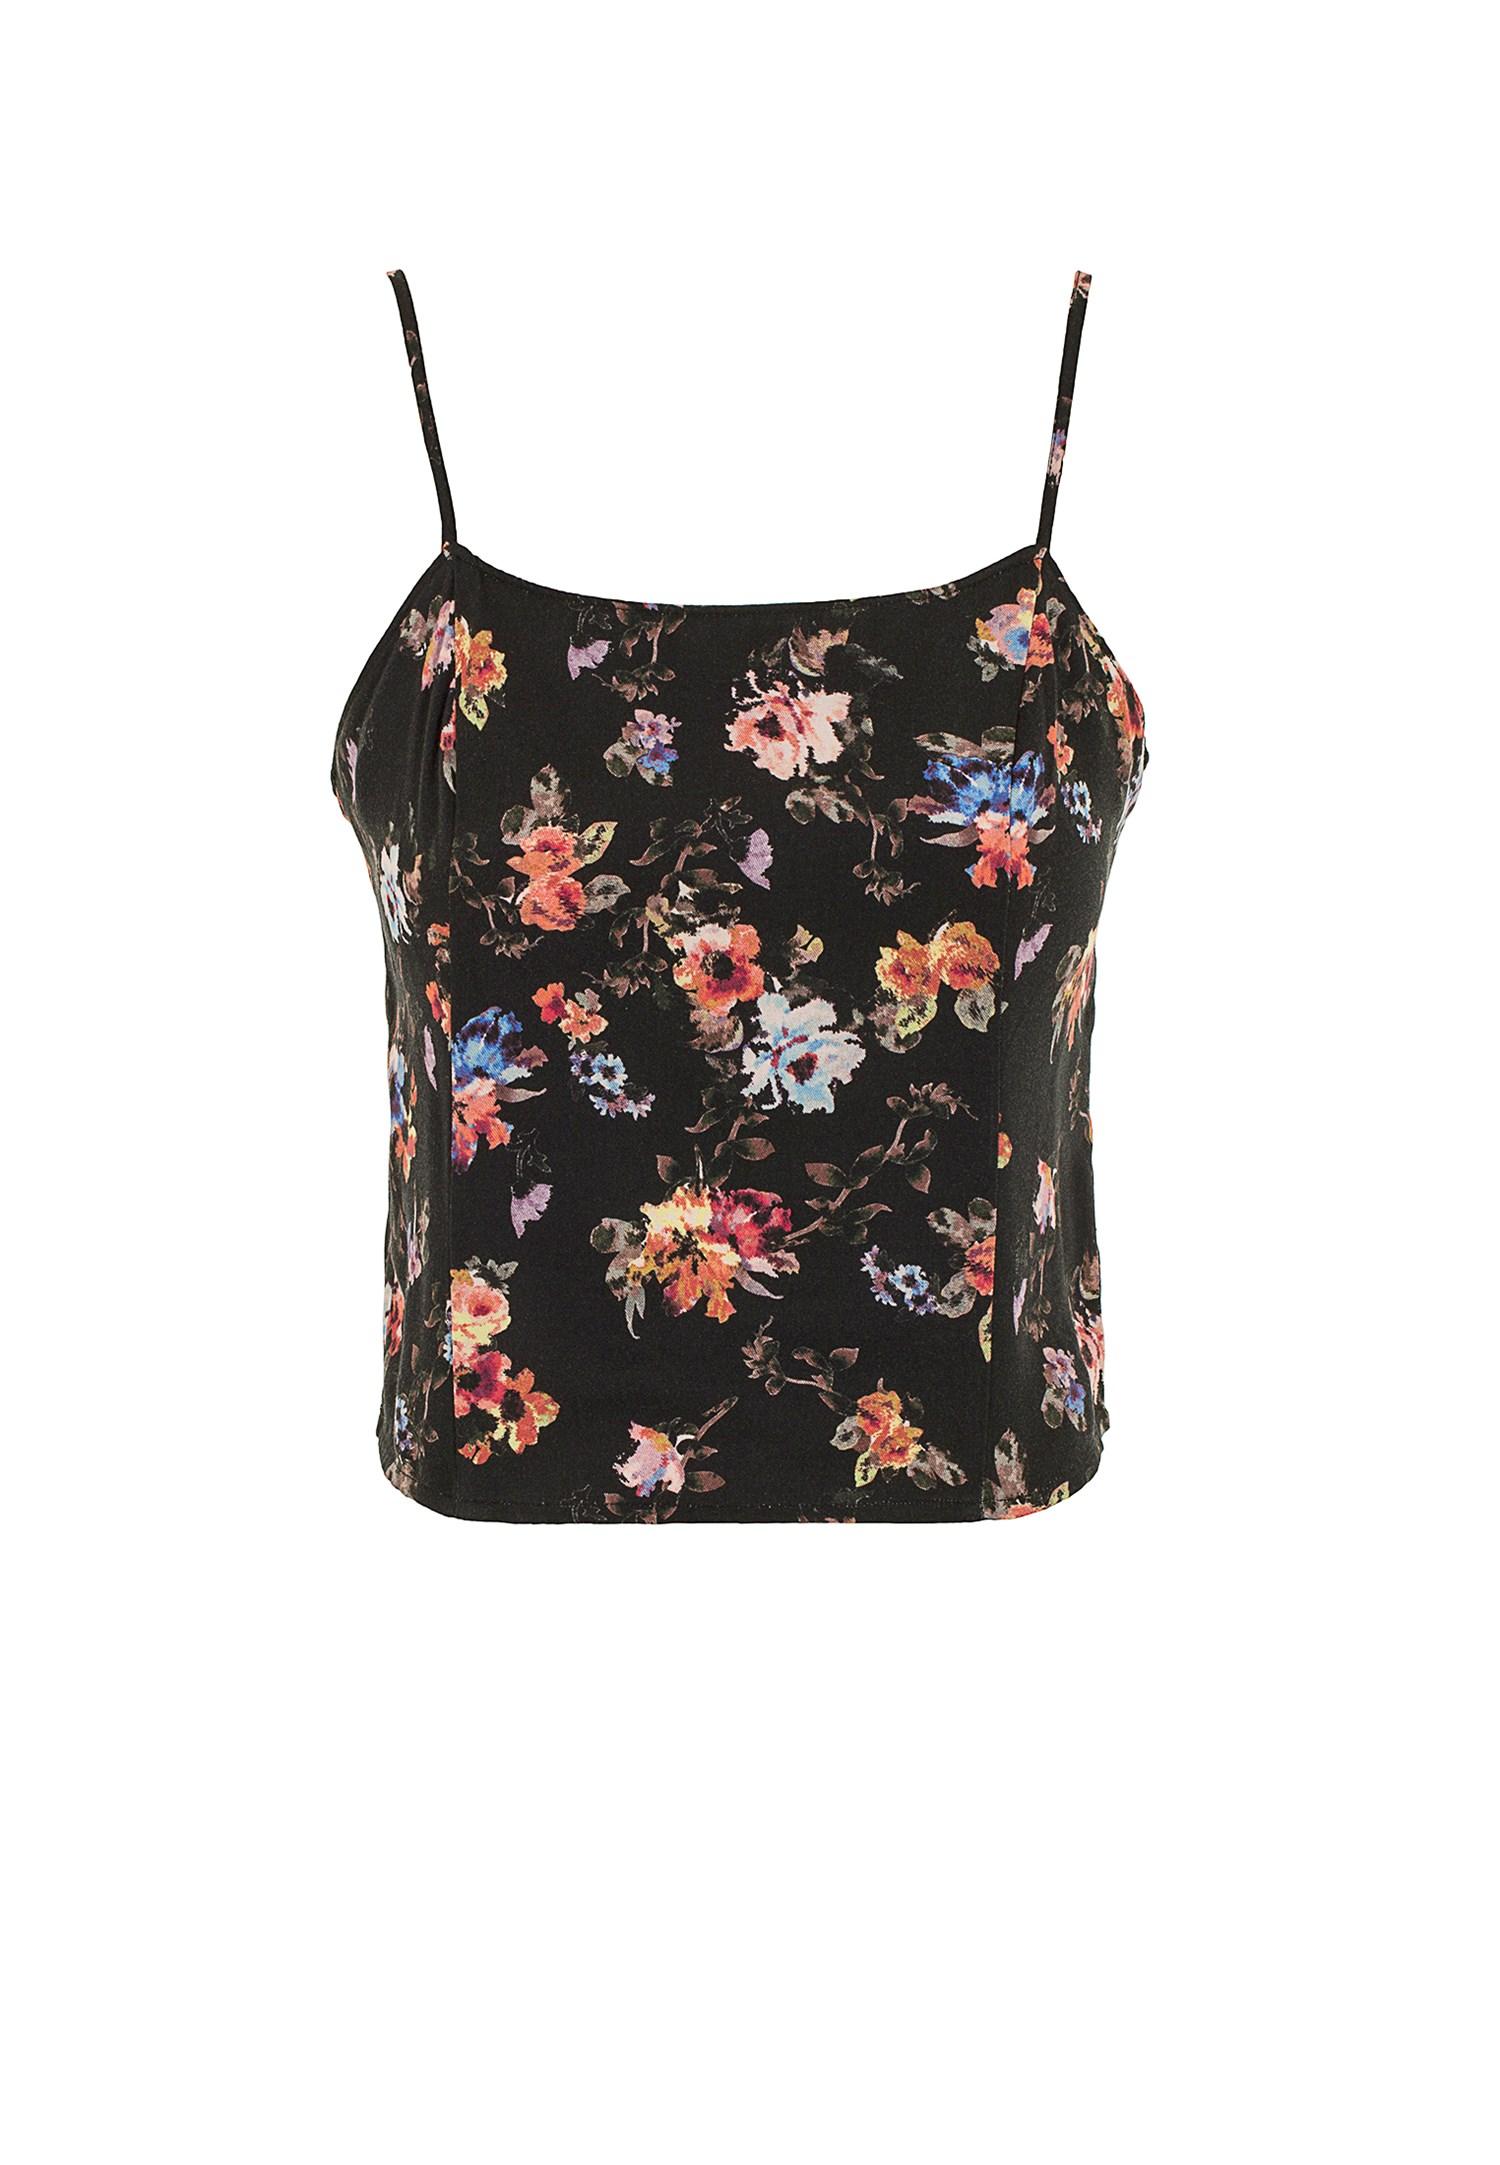 Bayan Çok Renkli İnce Askılı Çiçek Desenli Bluz